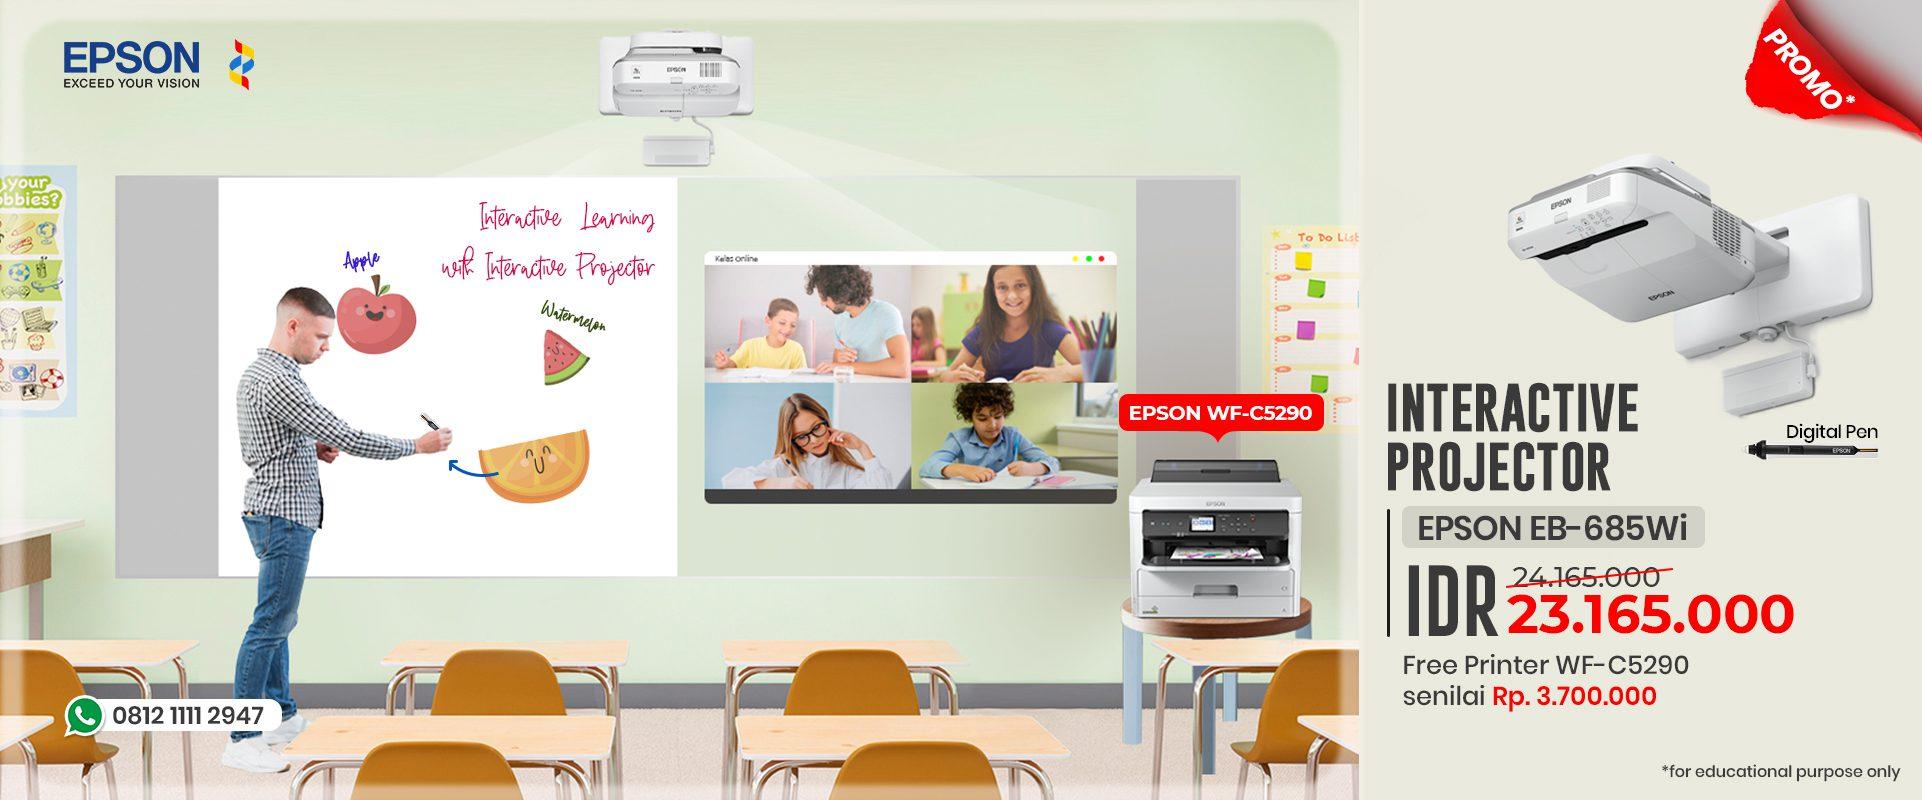 Promo Epson EB-1485Fi gratis Zoom